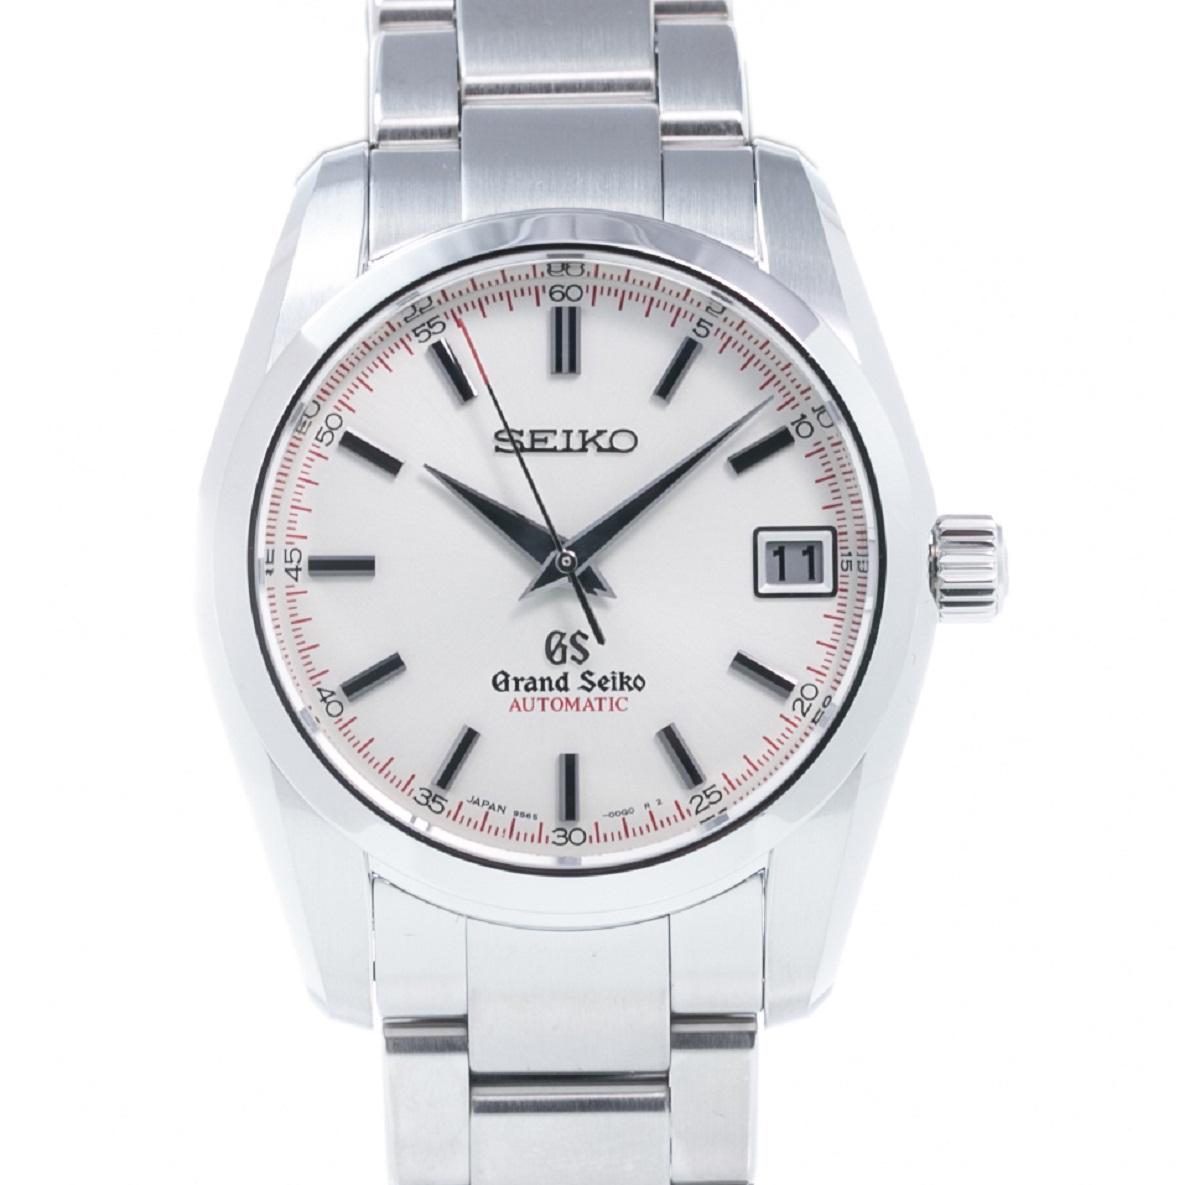 グランドセイコー SEIKO 9Sメカニカル SBGR071 腕時計 AT 自動巻き SS メンズ 送料無料 未使用展示品 【トレジャースポット】【中古】